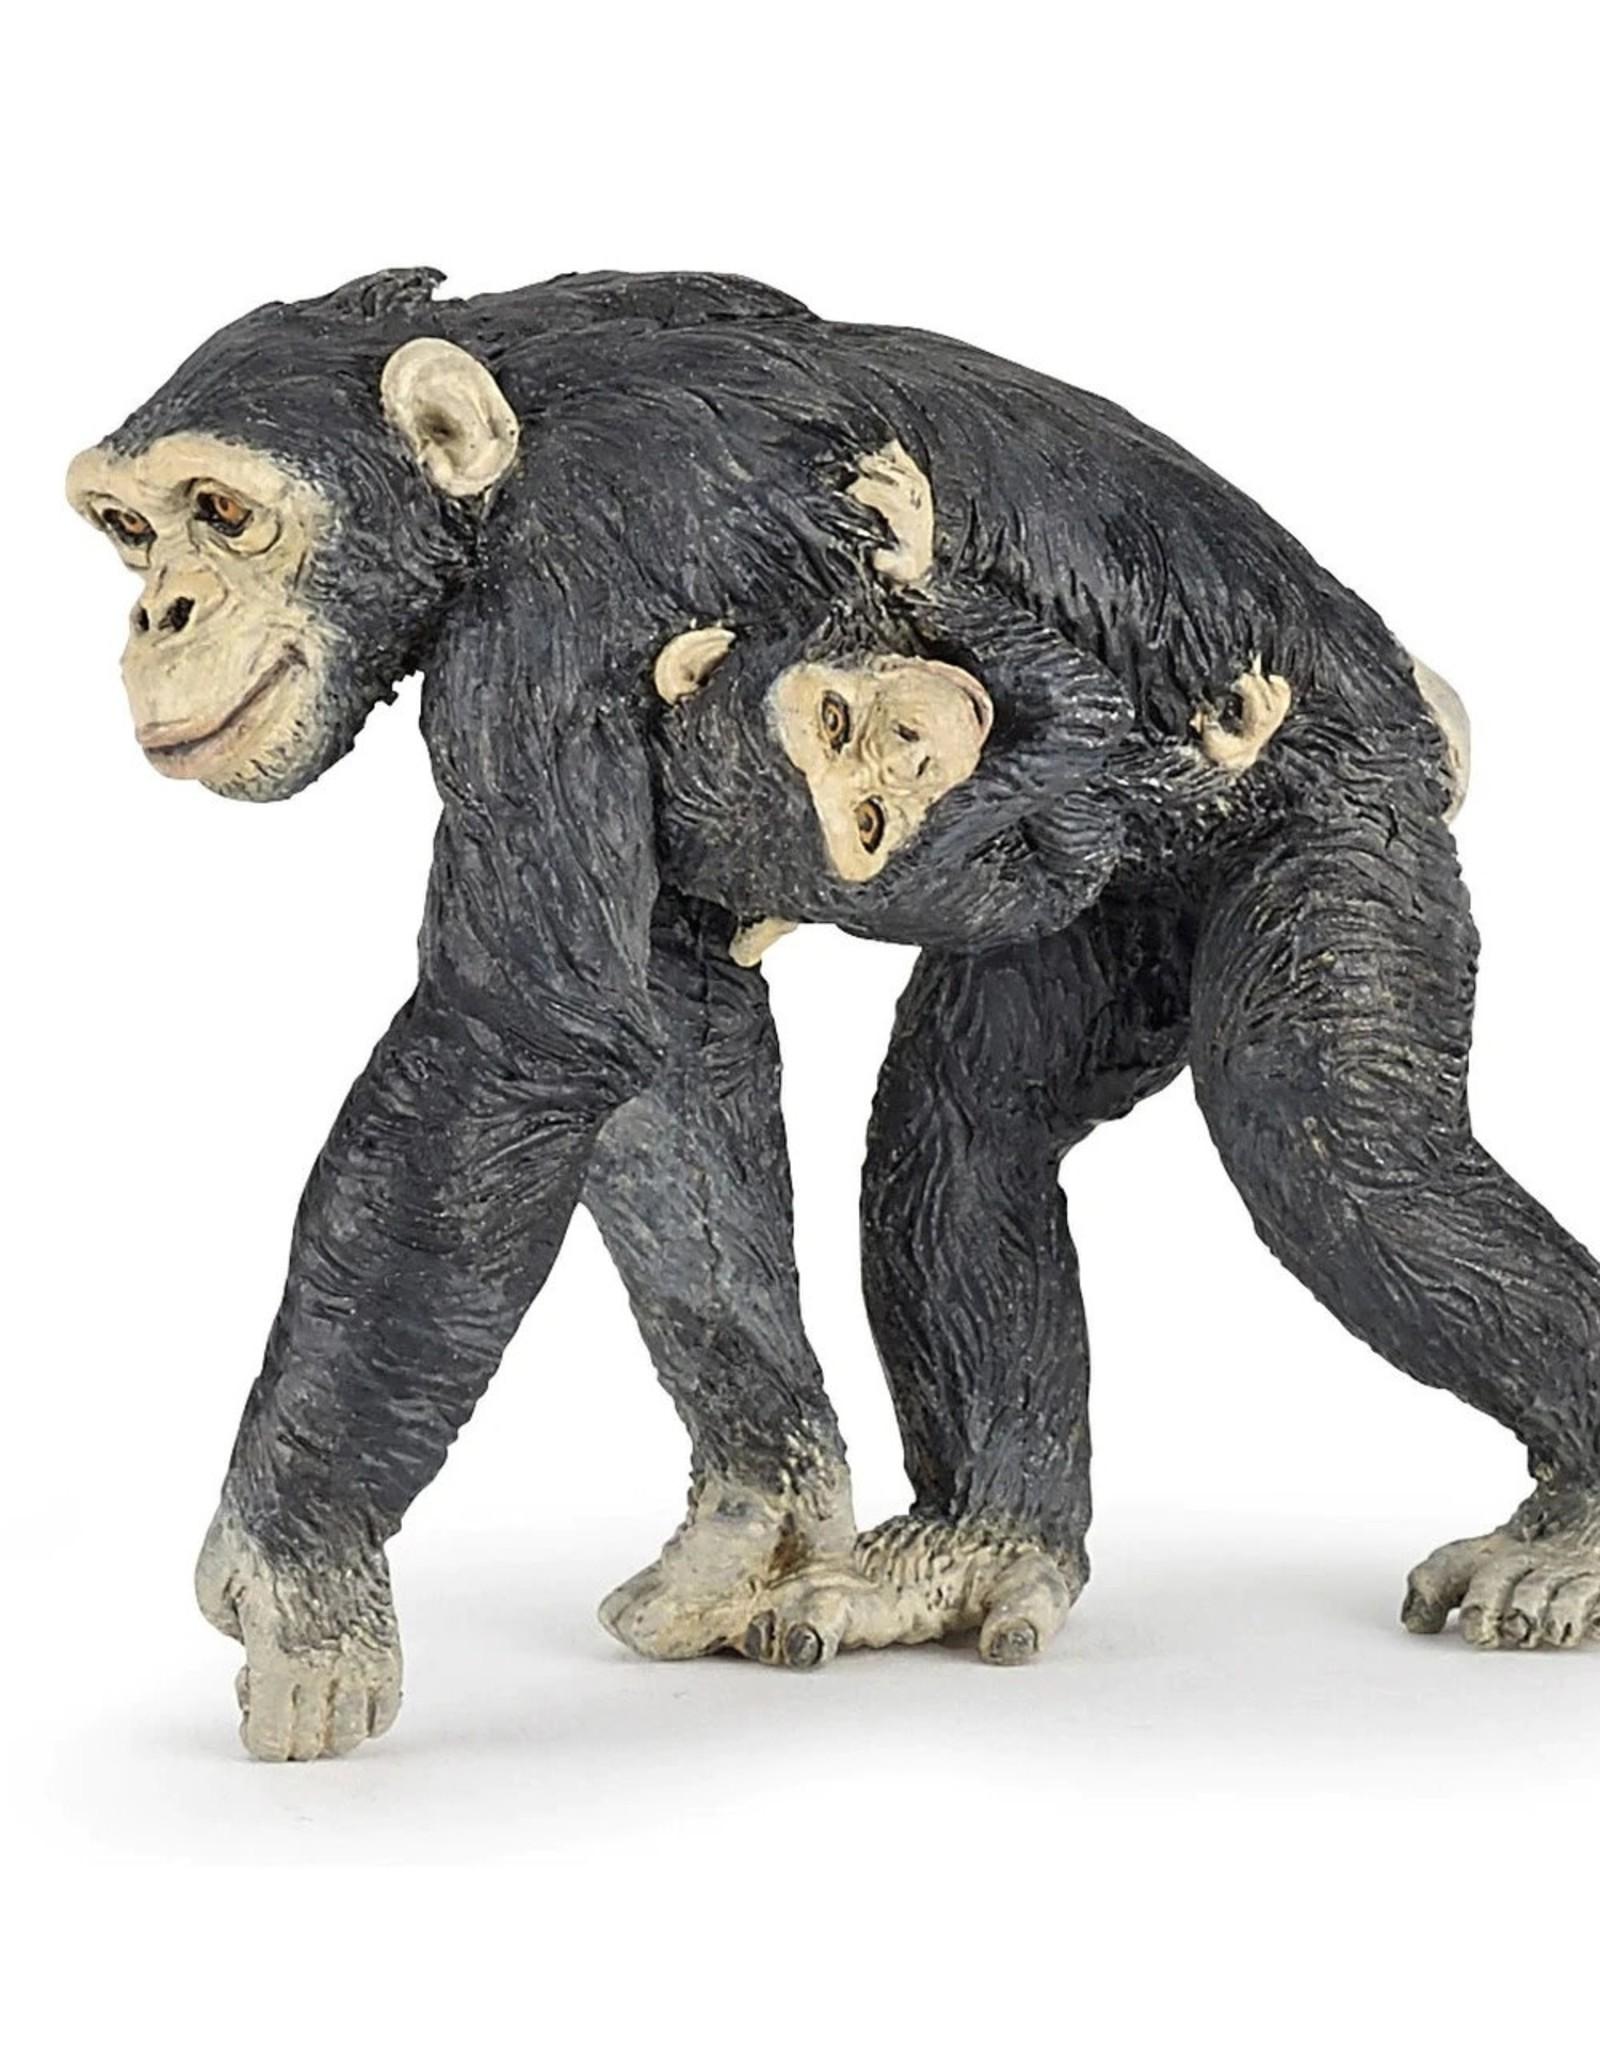 Papo Chimpanzee and Baby